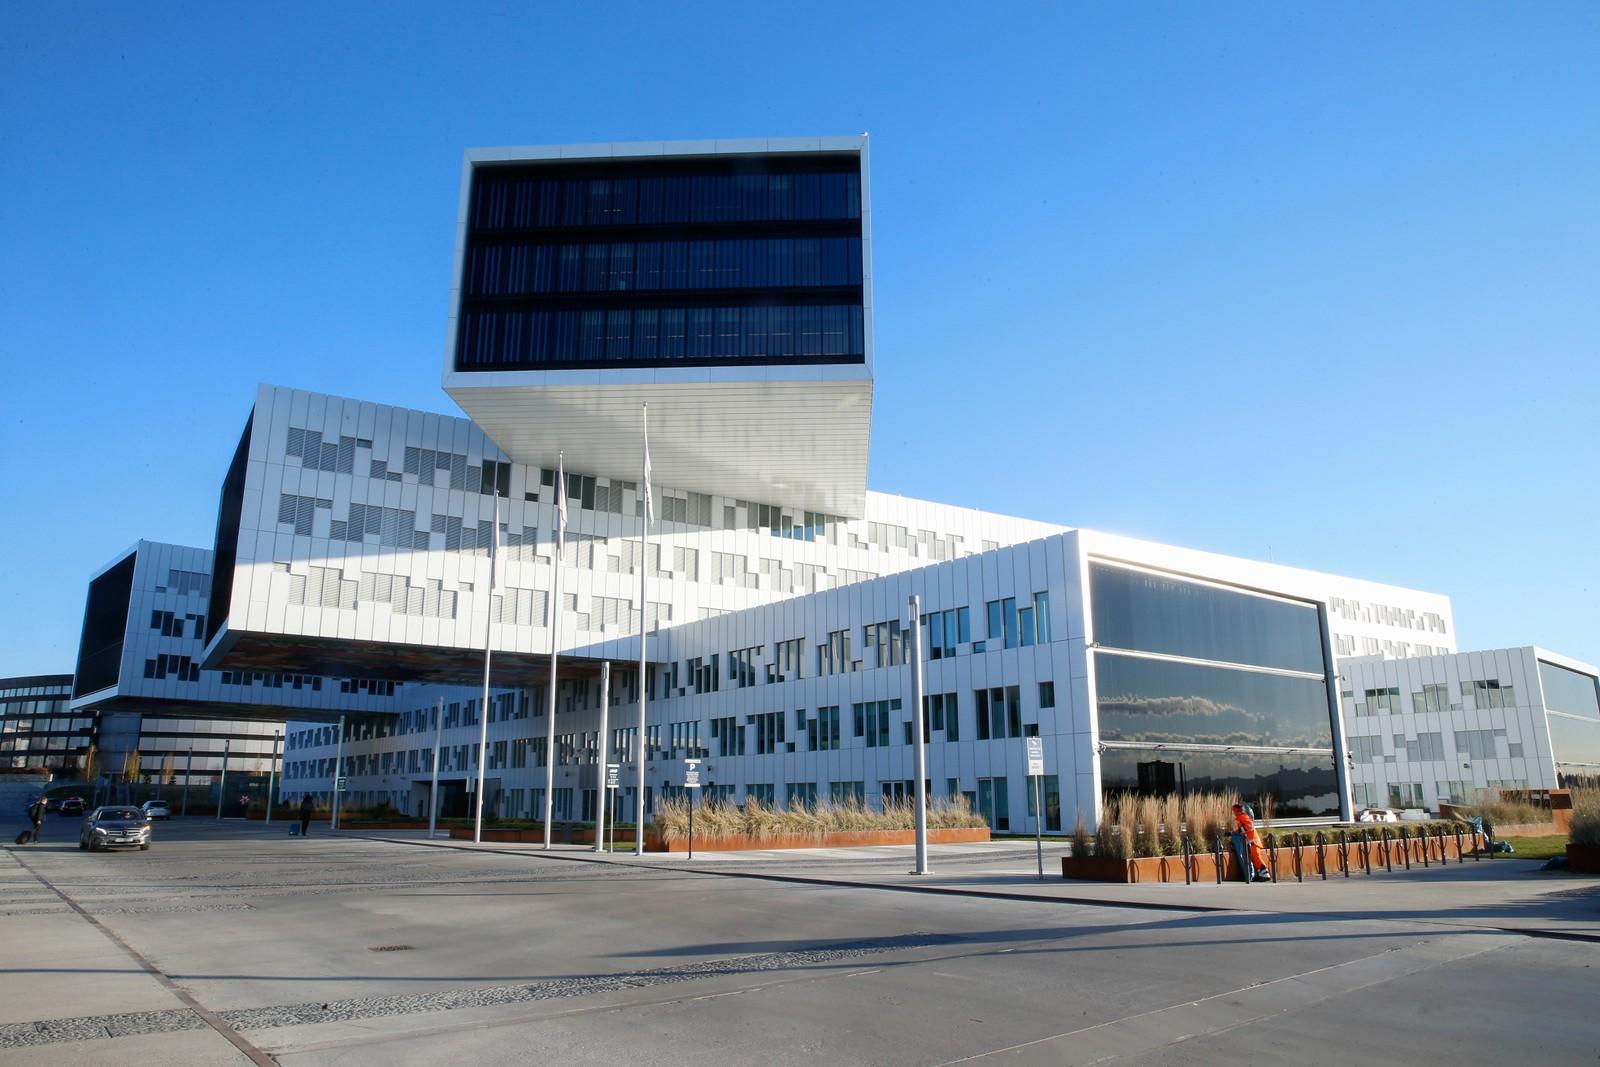 Statoil på Fornebu har hatt 7750 kvadratmeter på markedet for utleie, men har nå trukket det fra markedet. Pågangen var ikke stor og Statoil fikk samtidig behov for å bruke deler av lokalet selv. Men fortsatt står mye tomt.